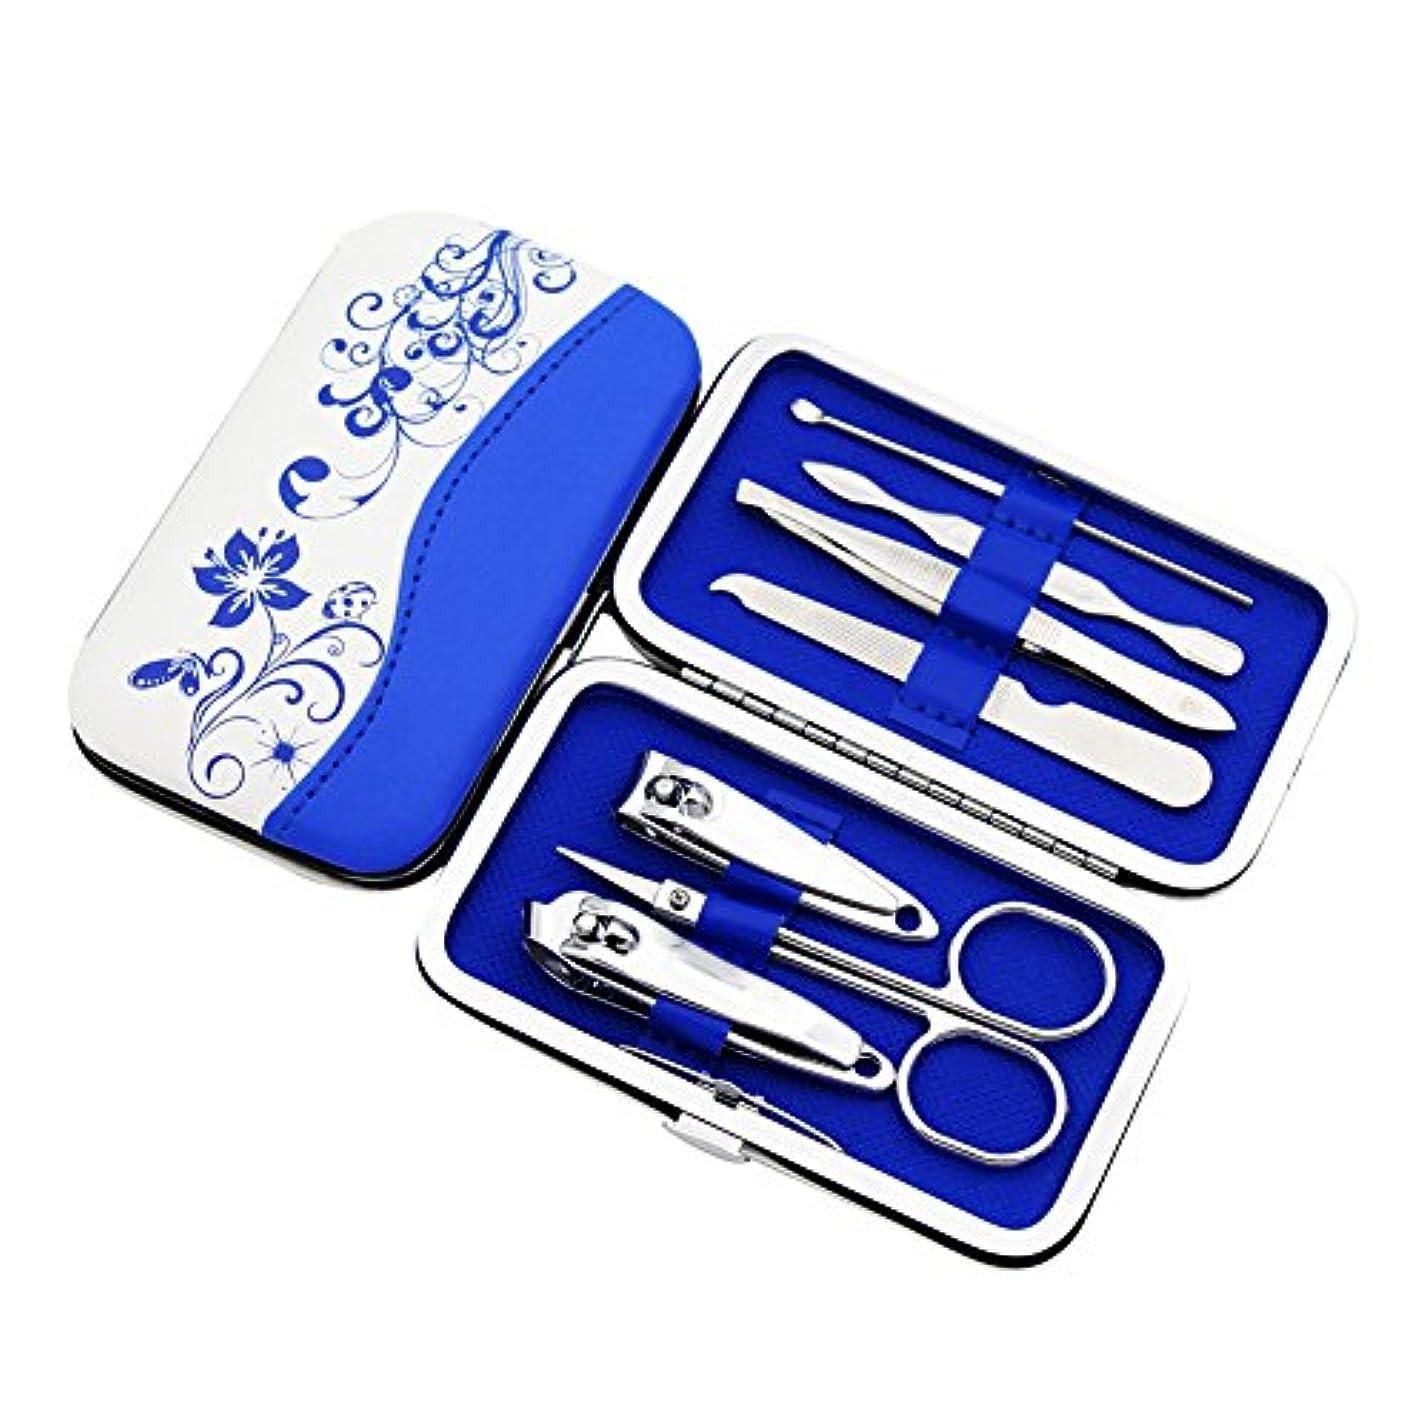 試験リフト従者MyMei 爪切り 爪やすり 7点セット ステンレス製 携帯便利 収納ケース付き 耐摩 耐久